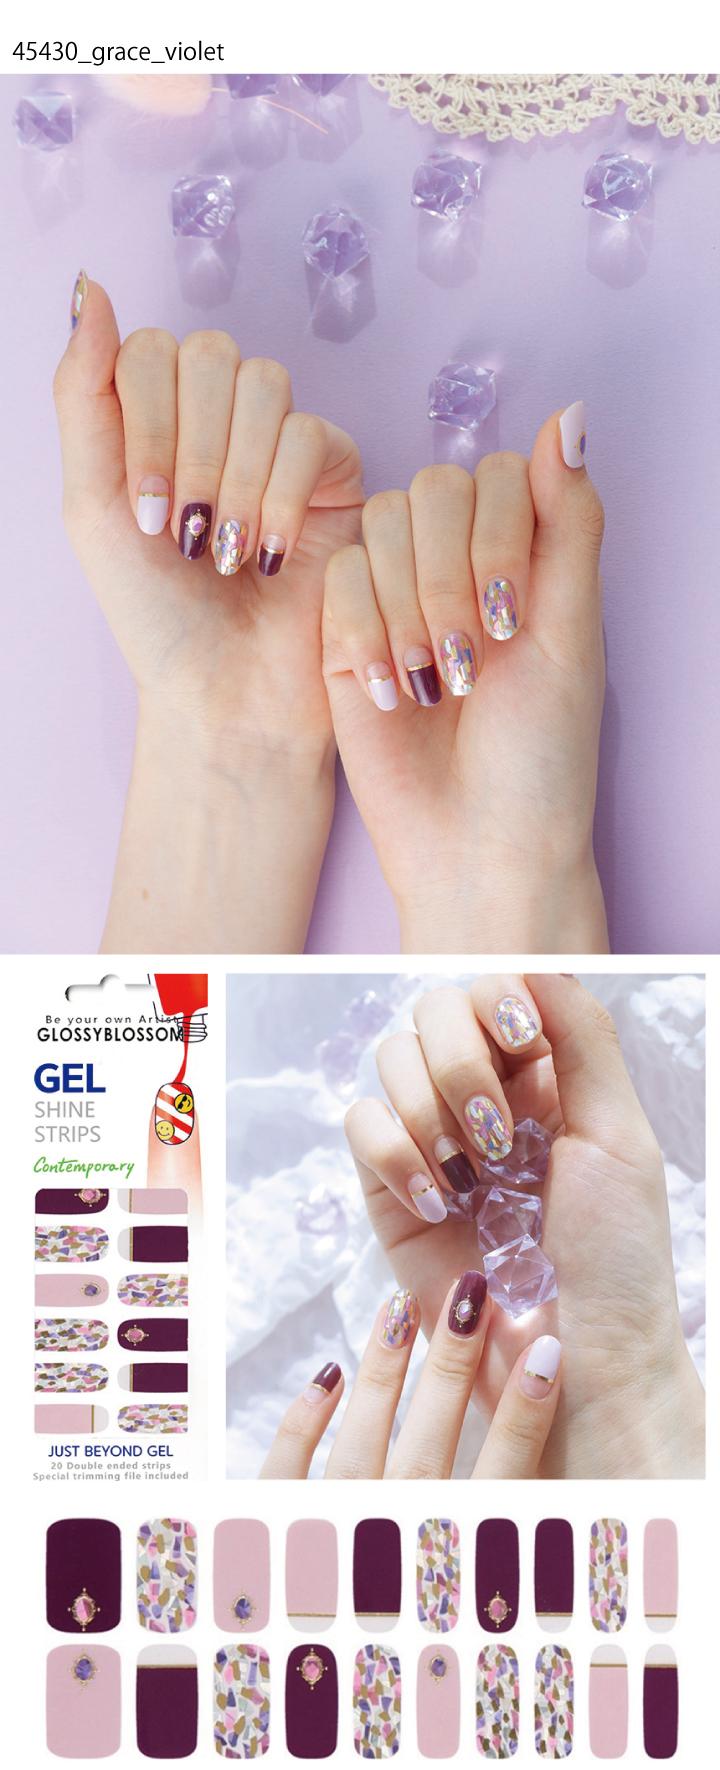 gb45430_grace_violet